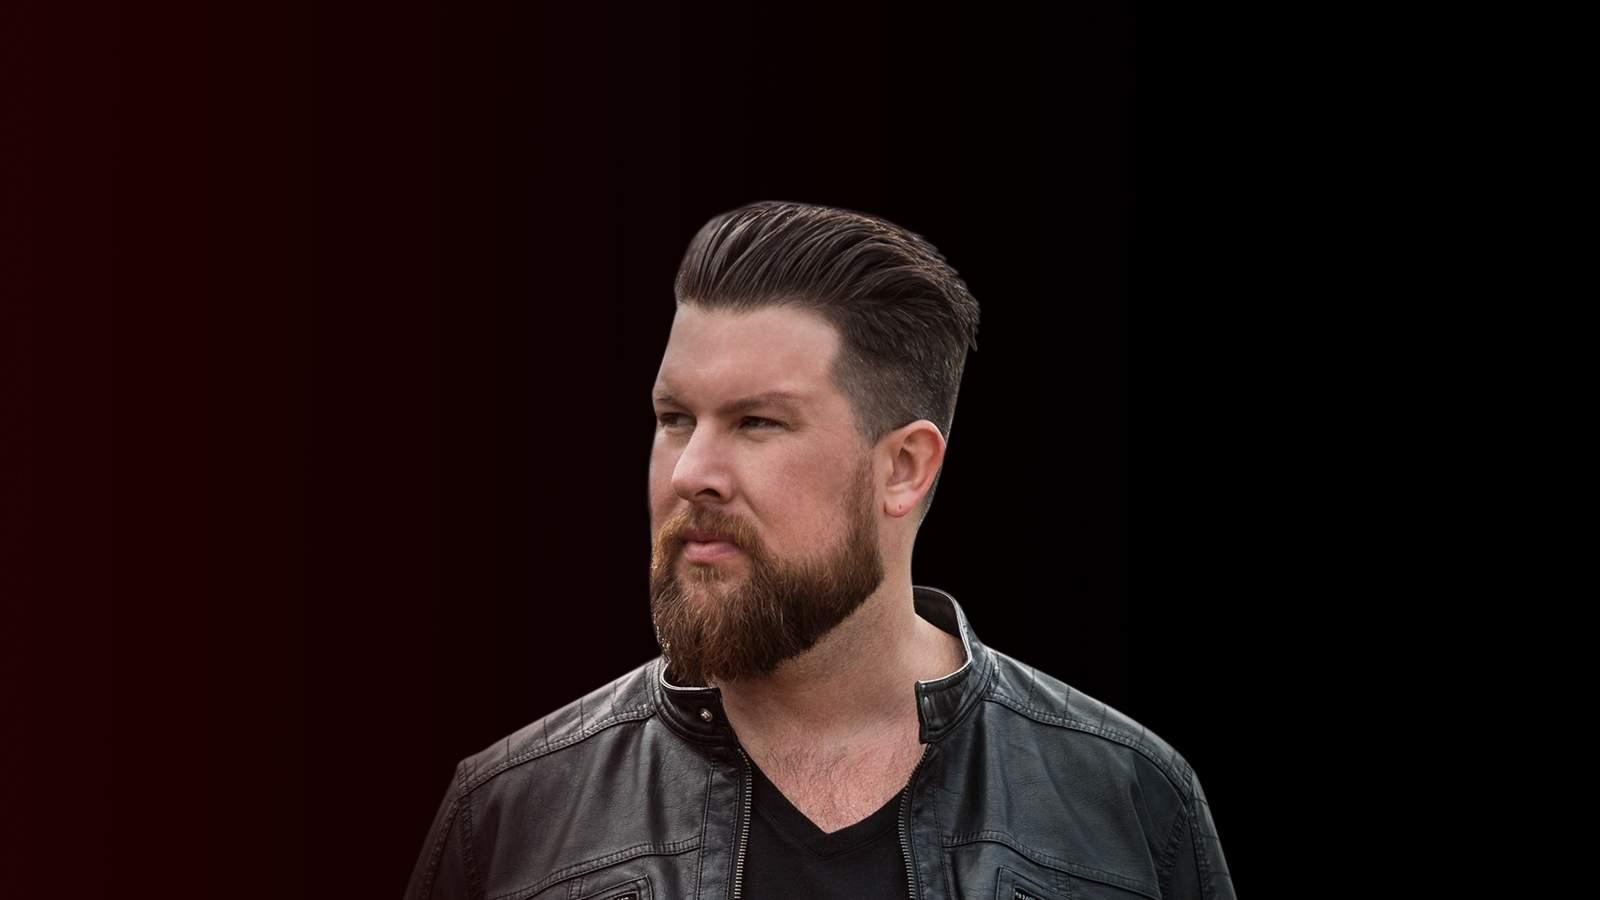 Zach Williams (Rescheduled from 3/15/2020, 11/8/2020)